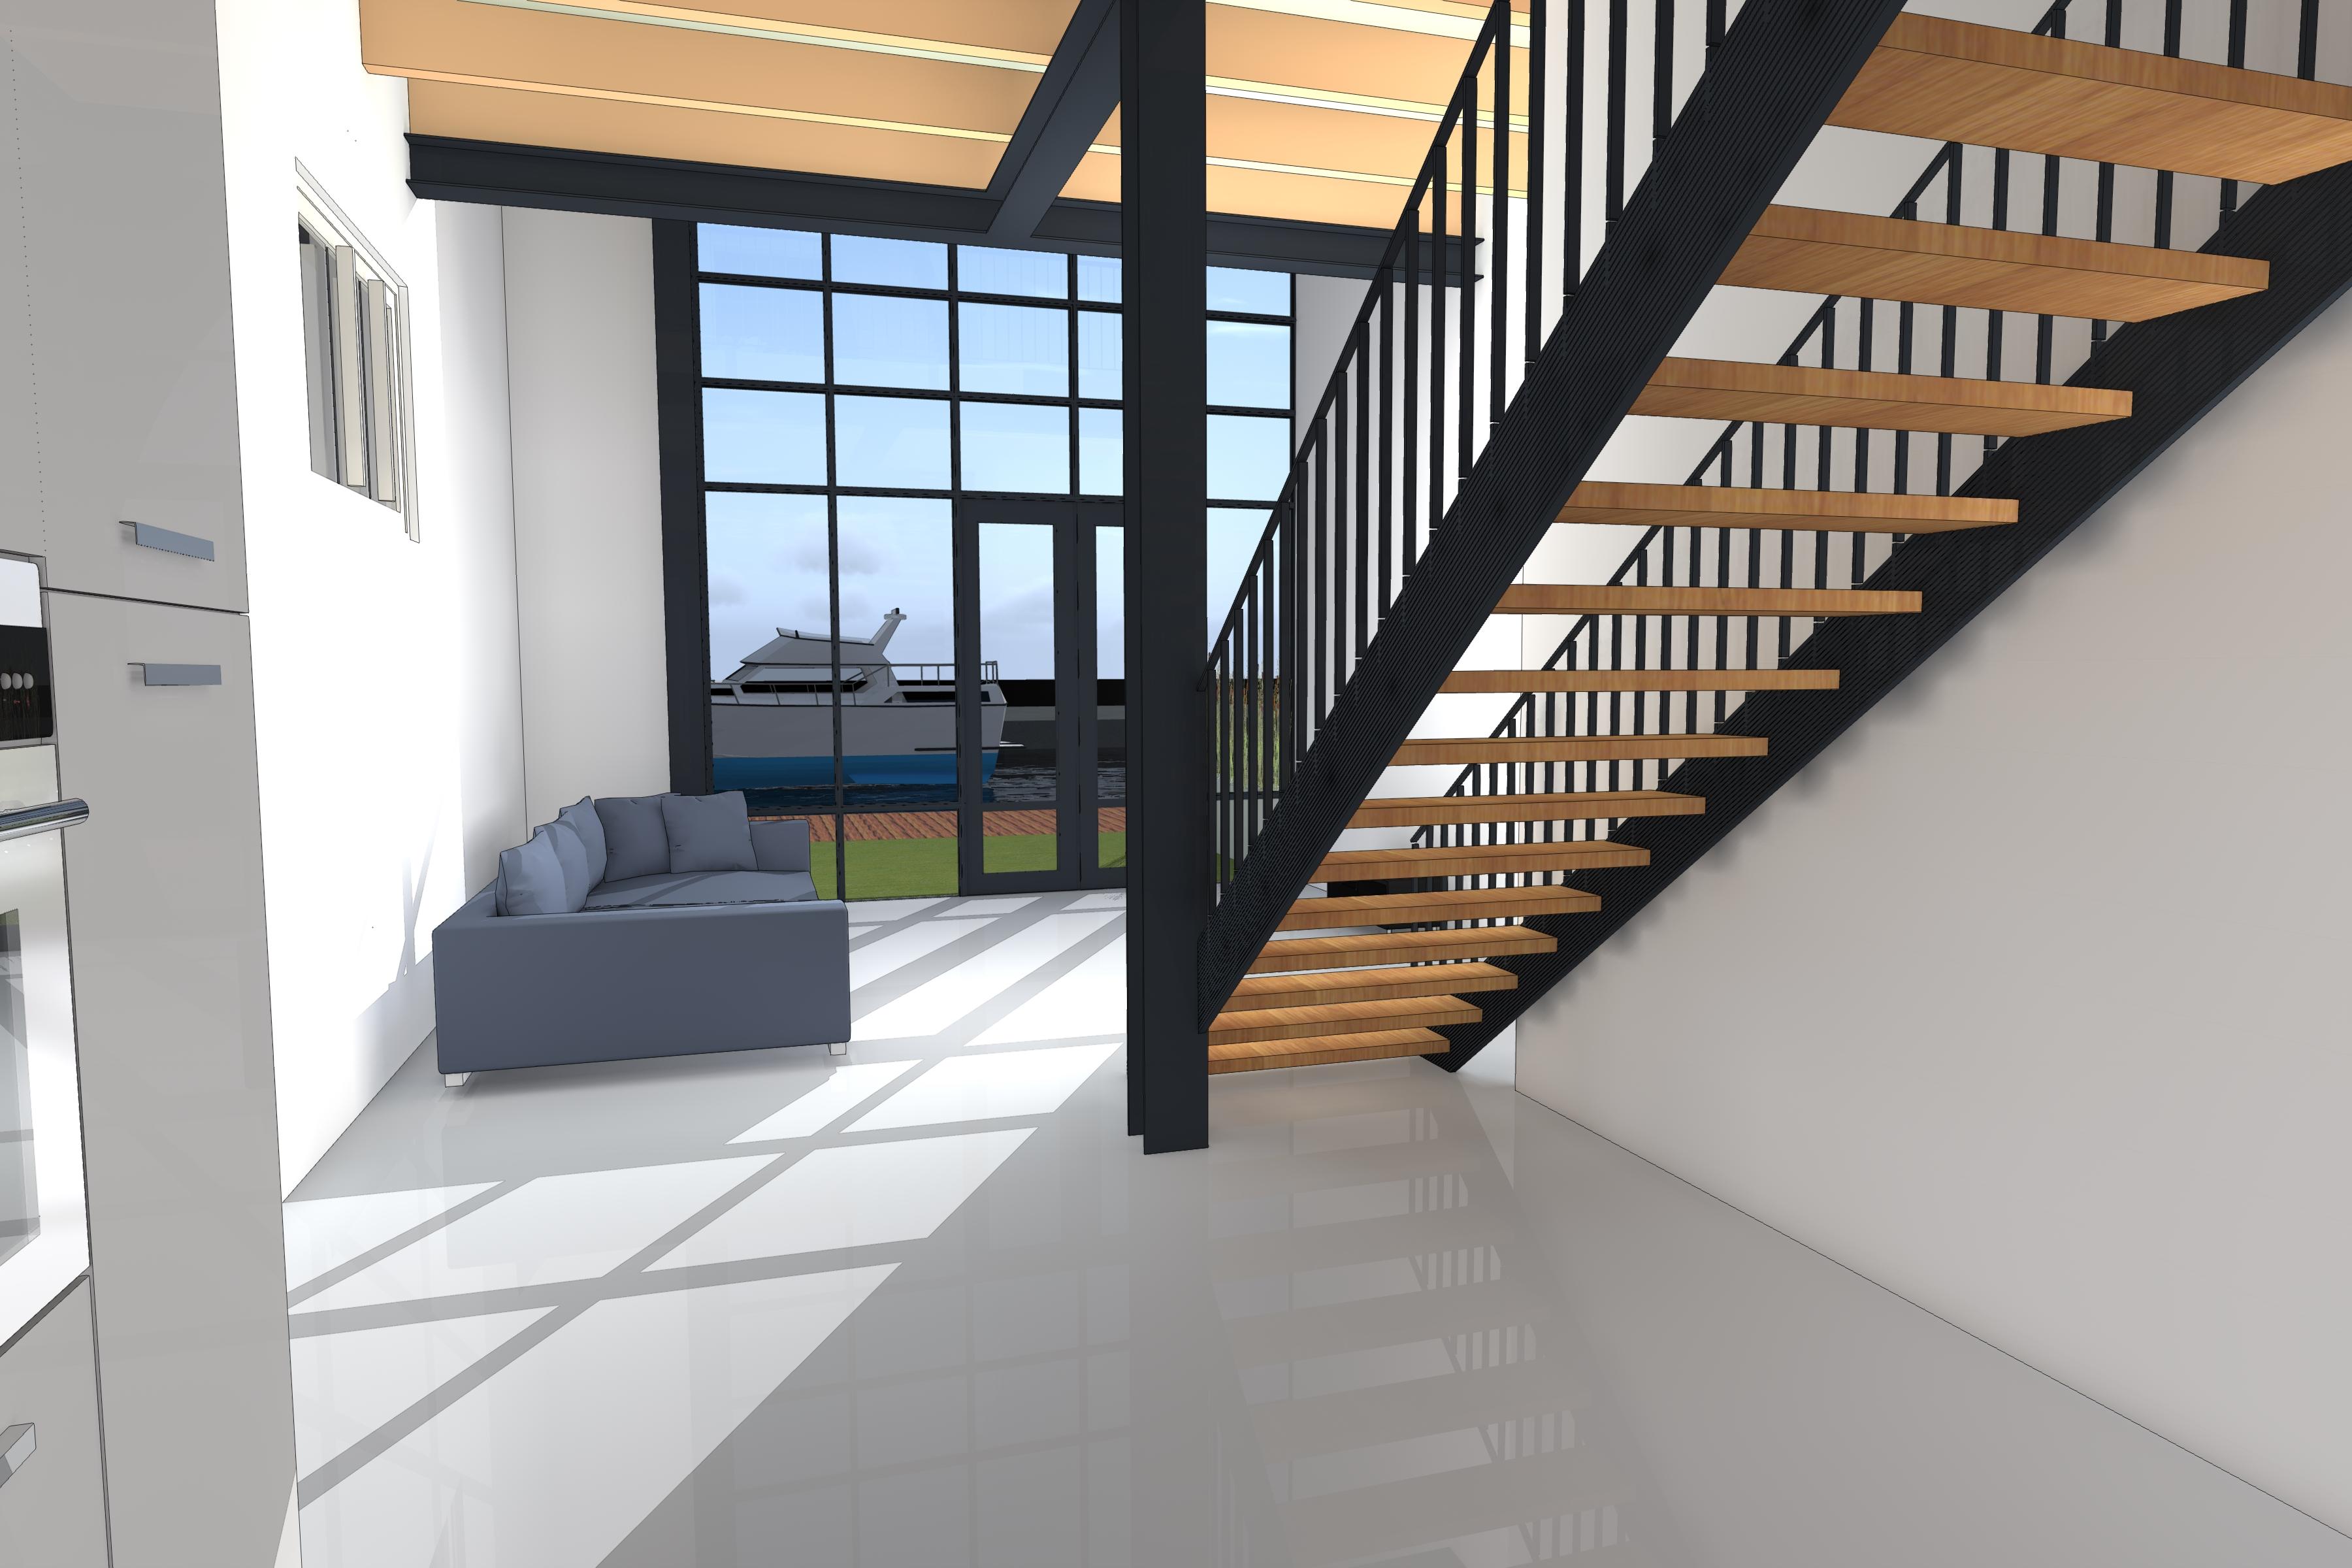 interieur 3d